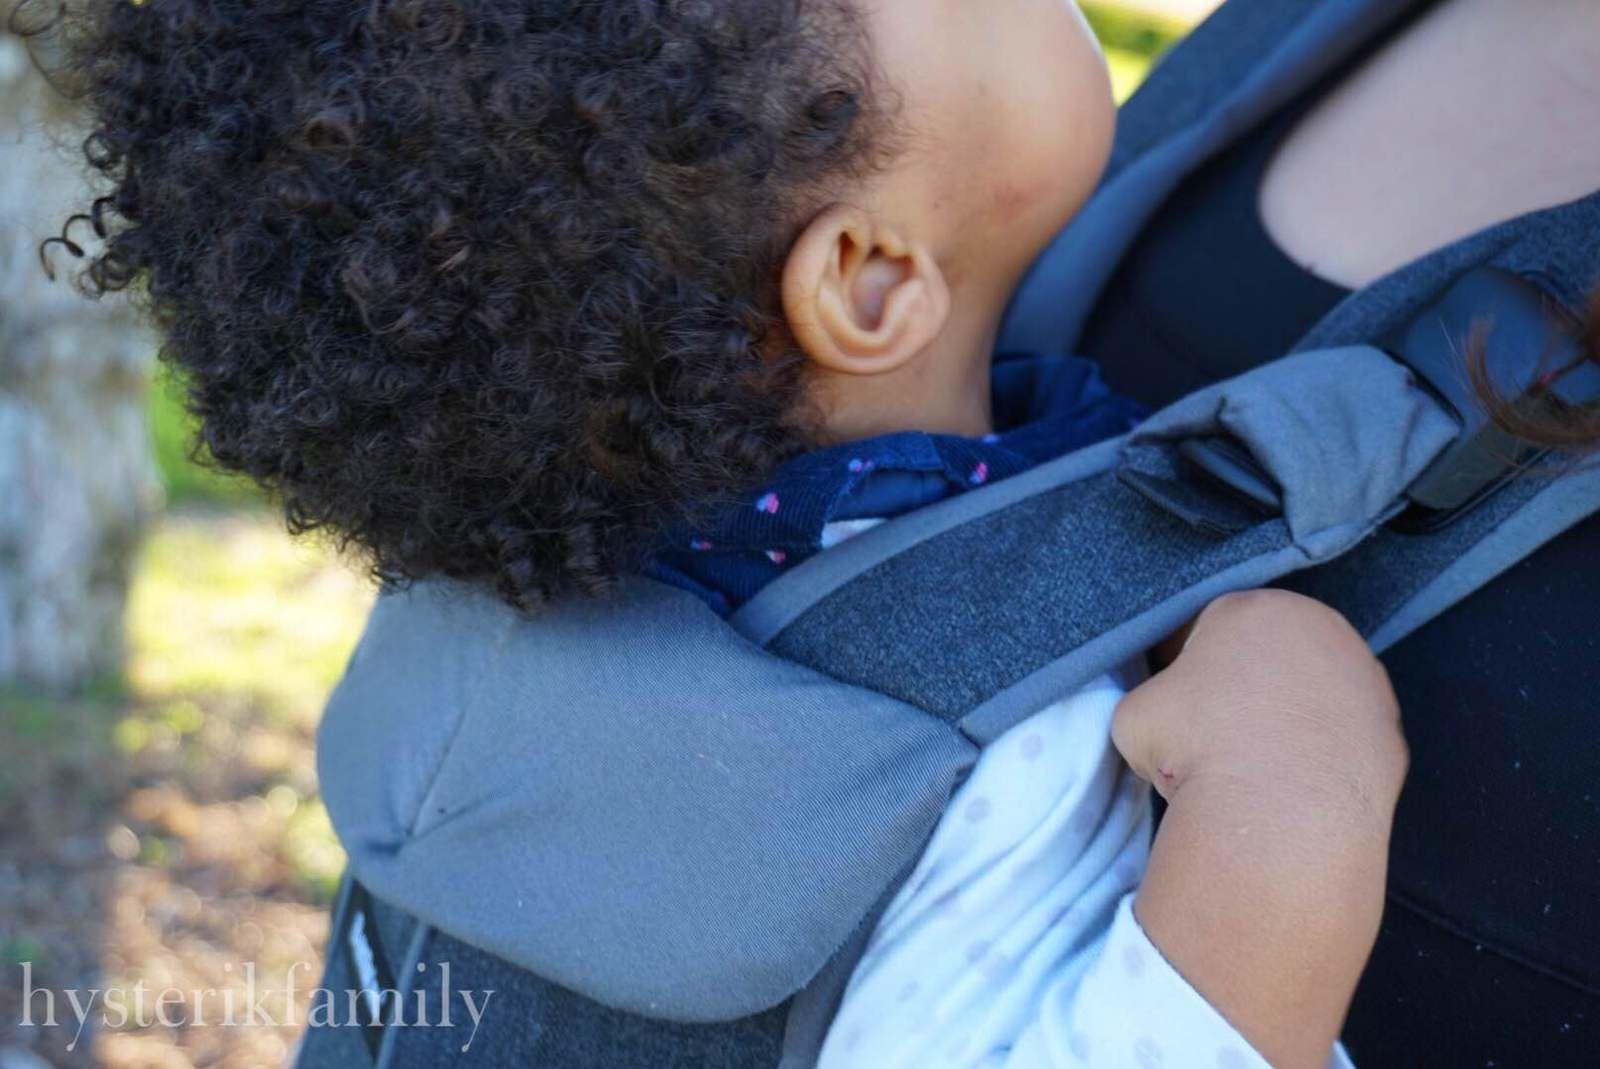 Le porte bébé One de Babybjörn [test et avis]